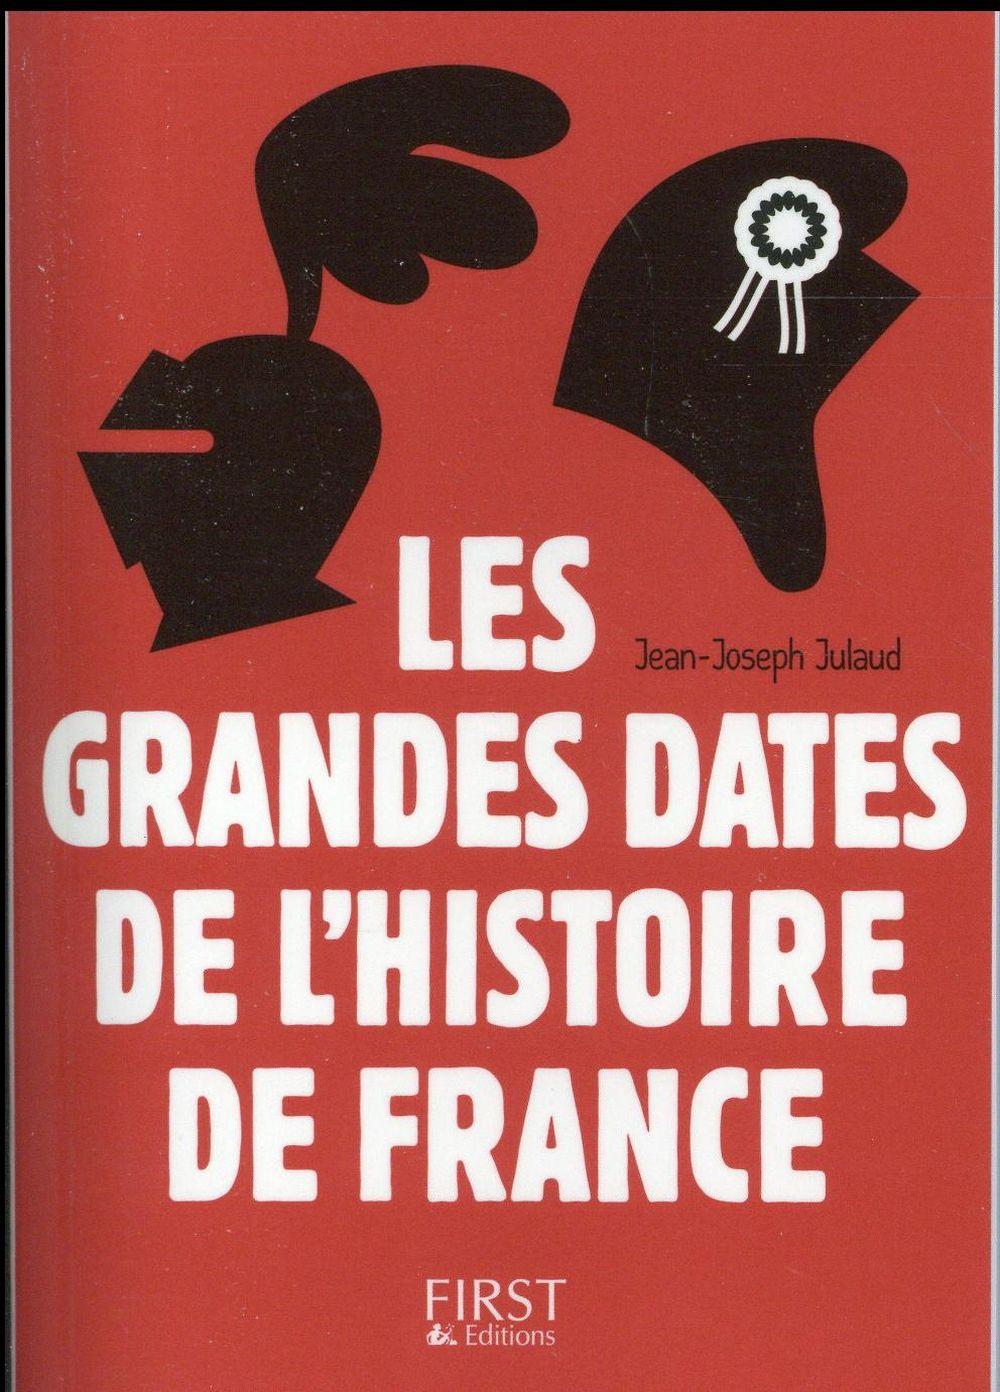 les grandes dates de l'histoire de France (3e édition)